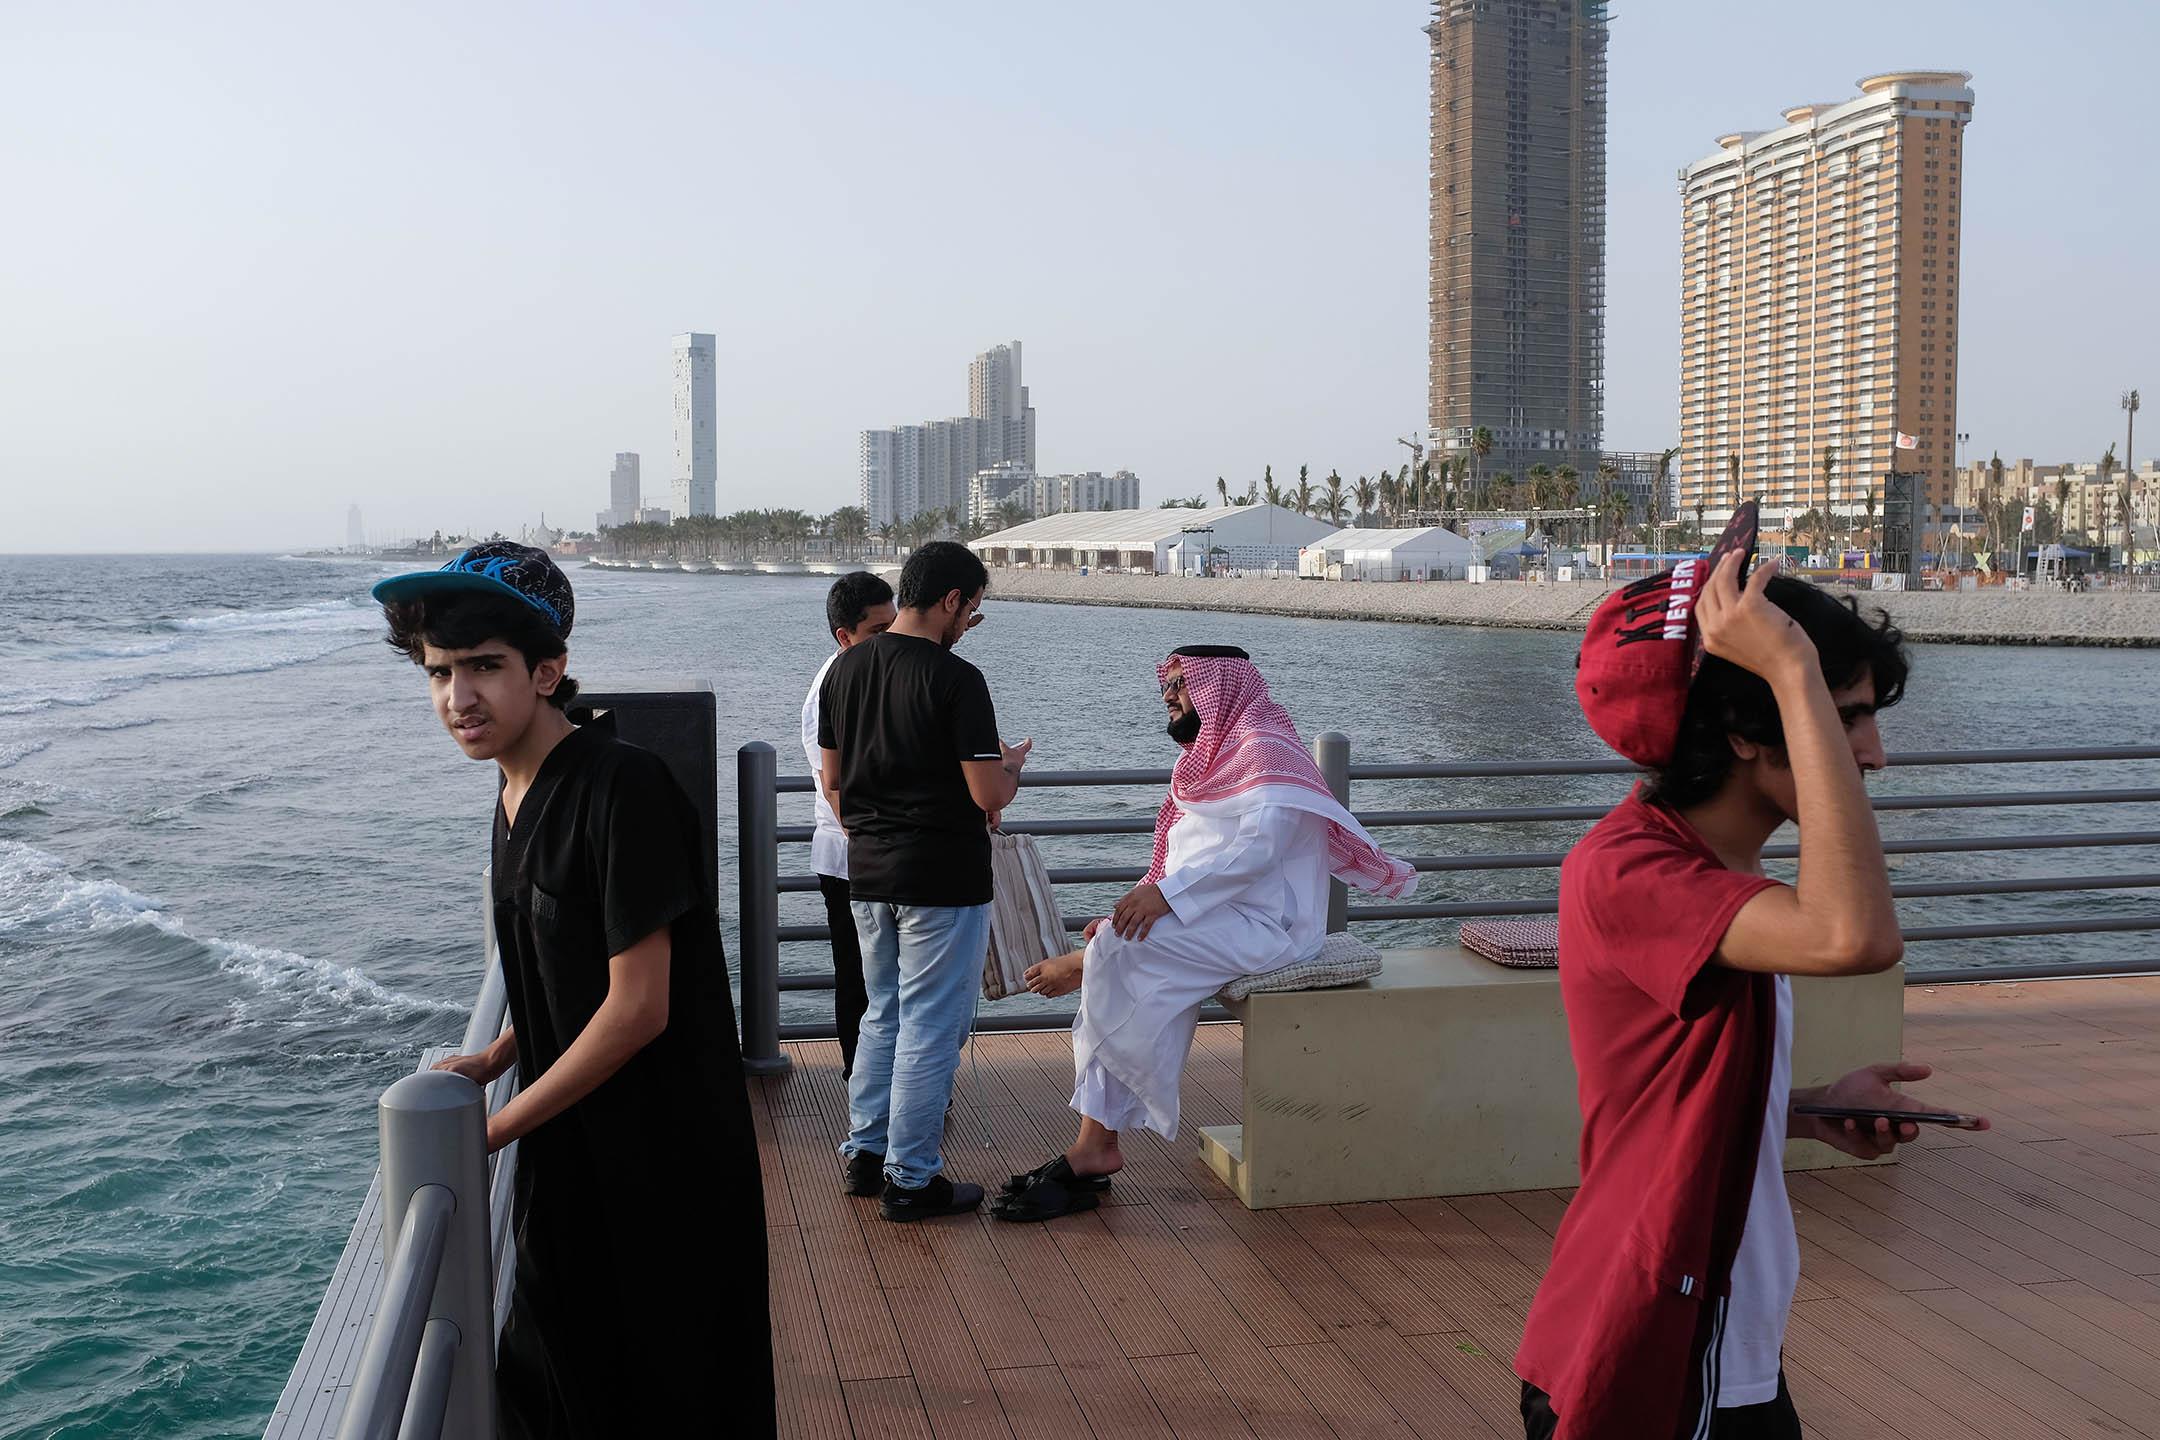 2018年6月23日,不同世代的沙特人在沙特阿拉伯吉達濱海路旁的一個碼頭上。 攝:Sean Gallup/Getty Images